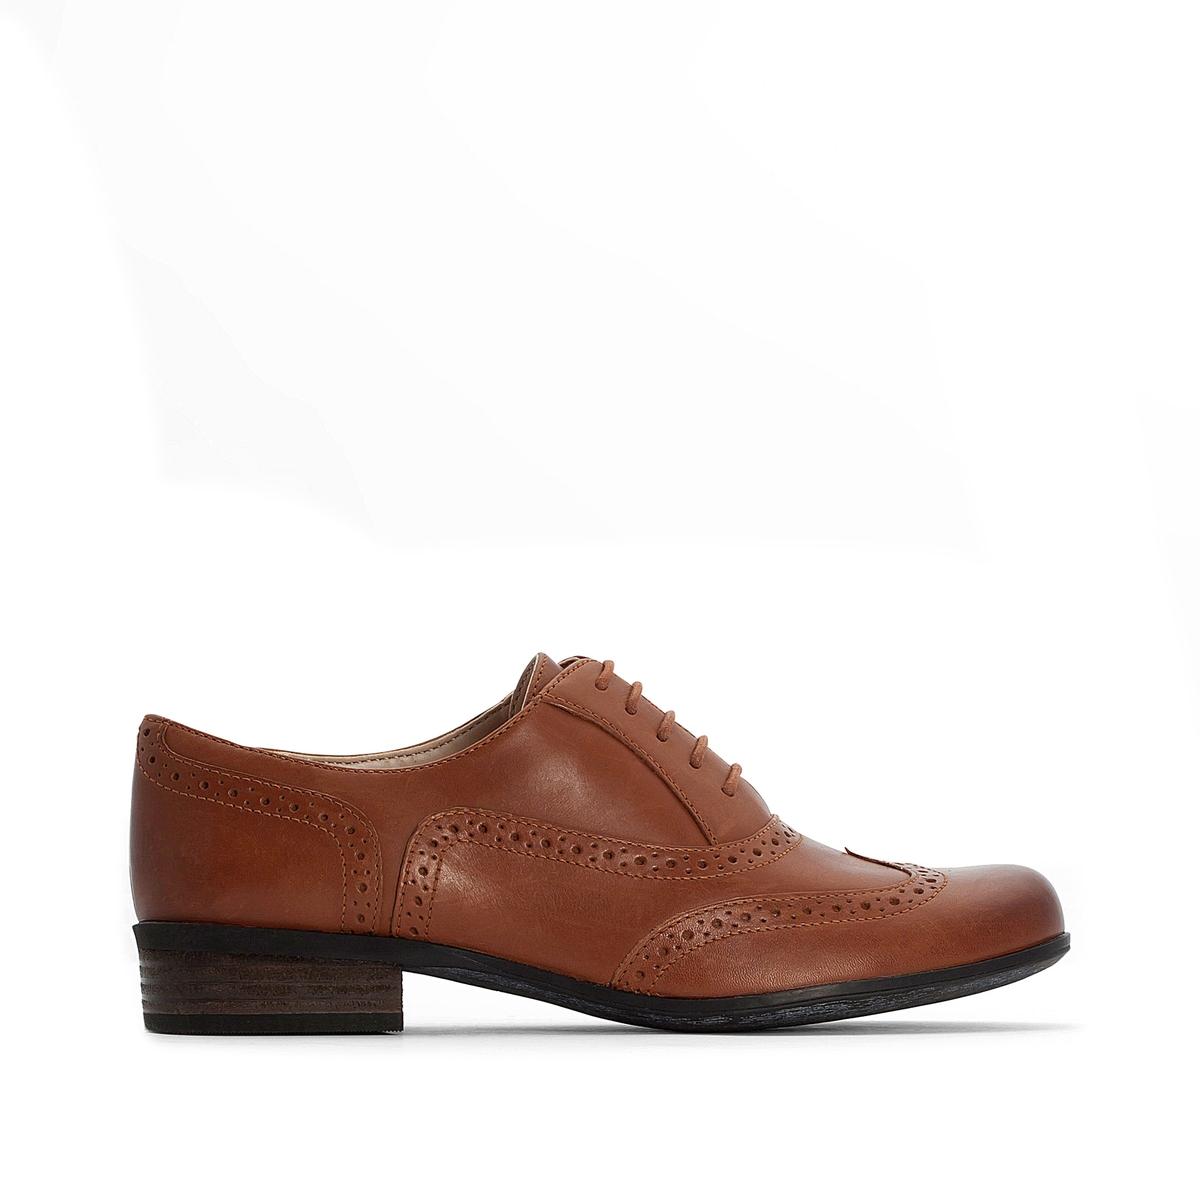 цена на Ботинки-дерби La Redoute С перфорированным мыском Hamble Oak 39 каштановый